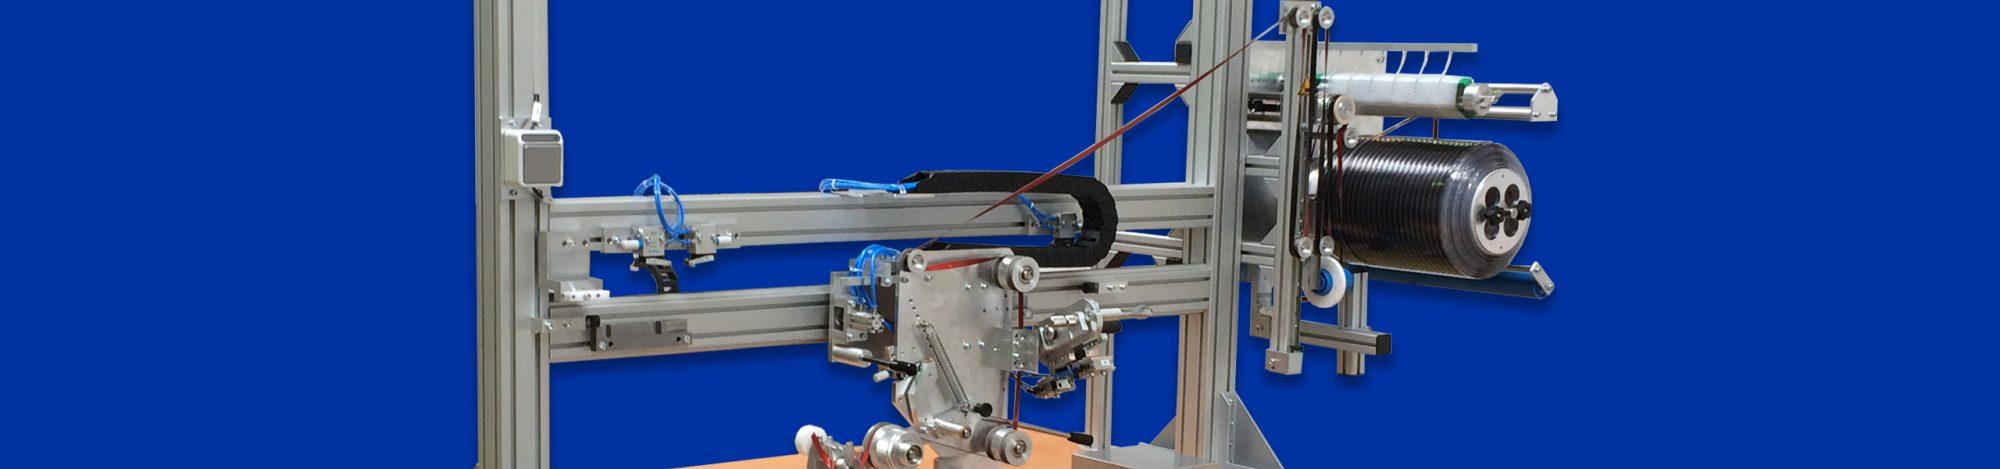 Detalle de equipo de automatización y dispensación de cintas adhesivas de Fustier 3M